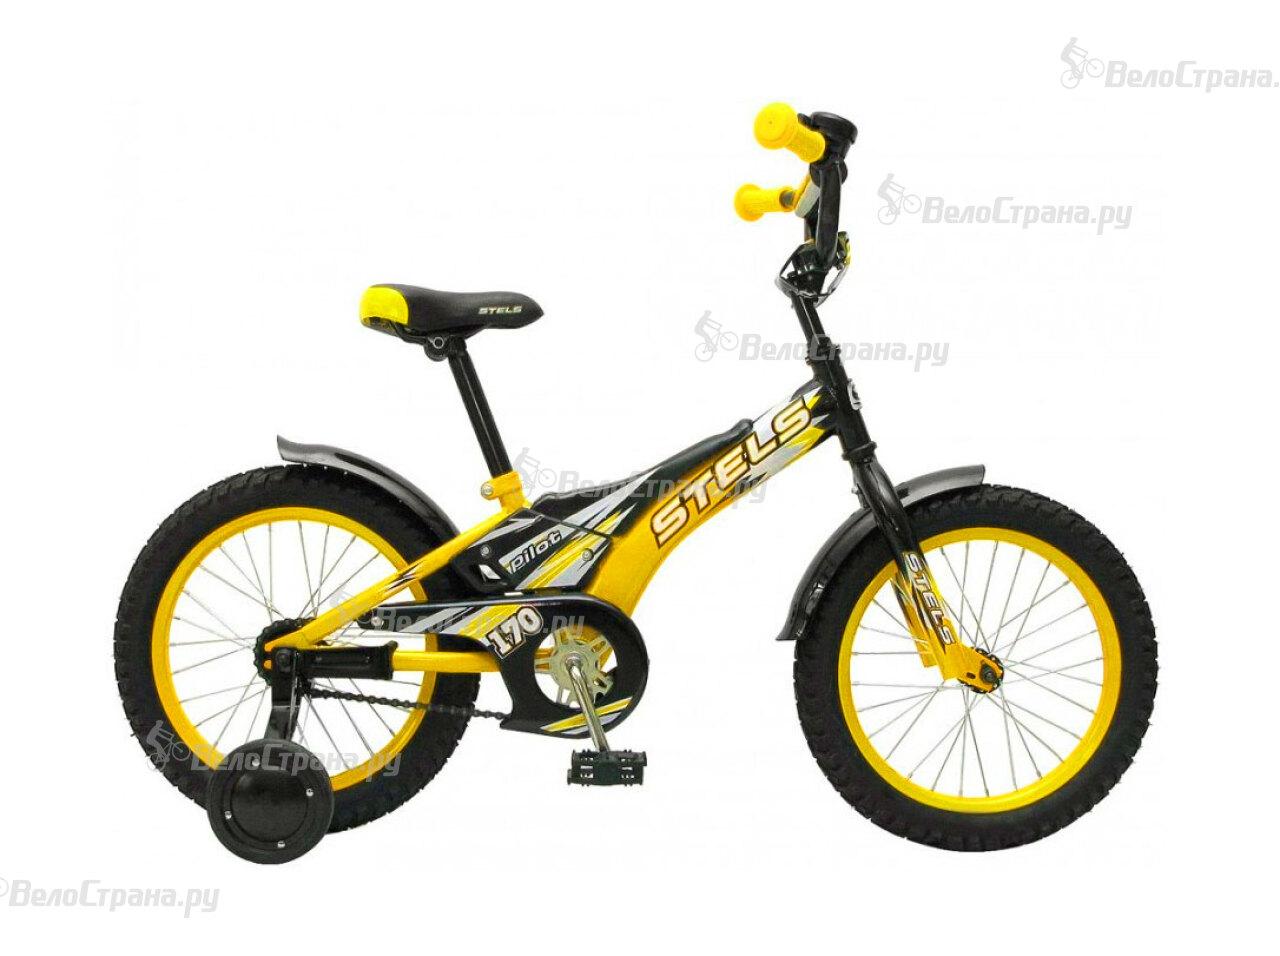 Велосипед Stels Pilot 170 16 (2013) велосипед stels pilot 710 2013